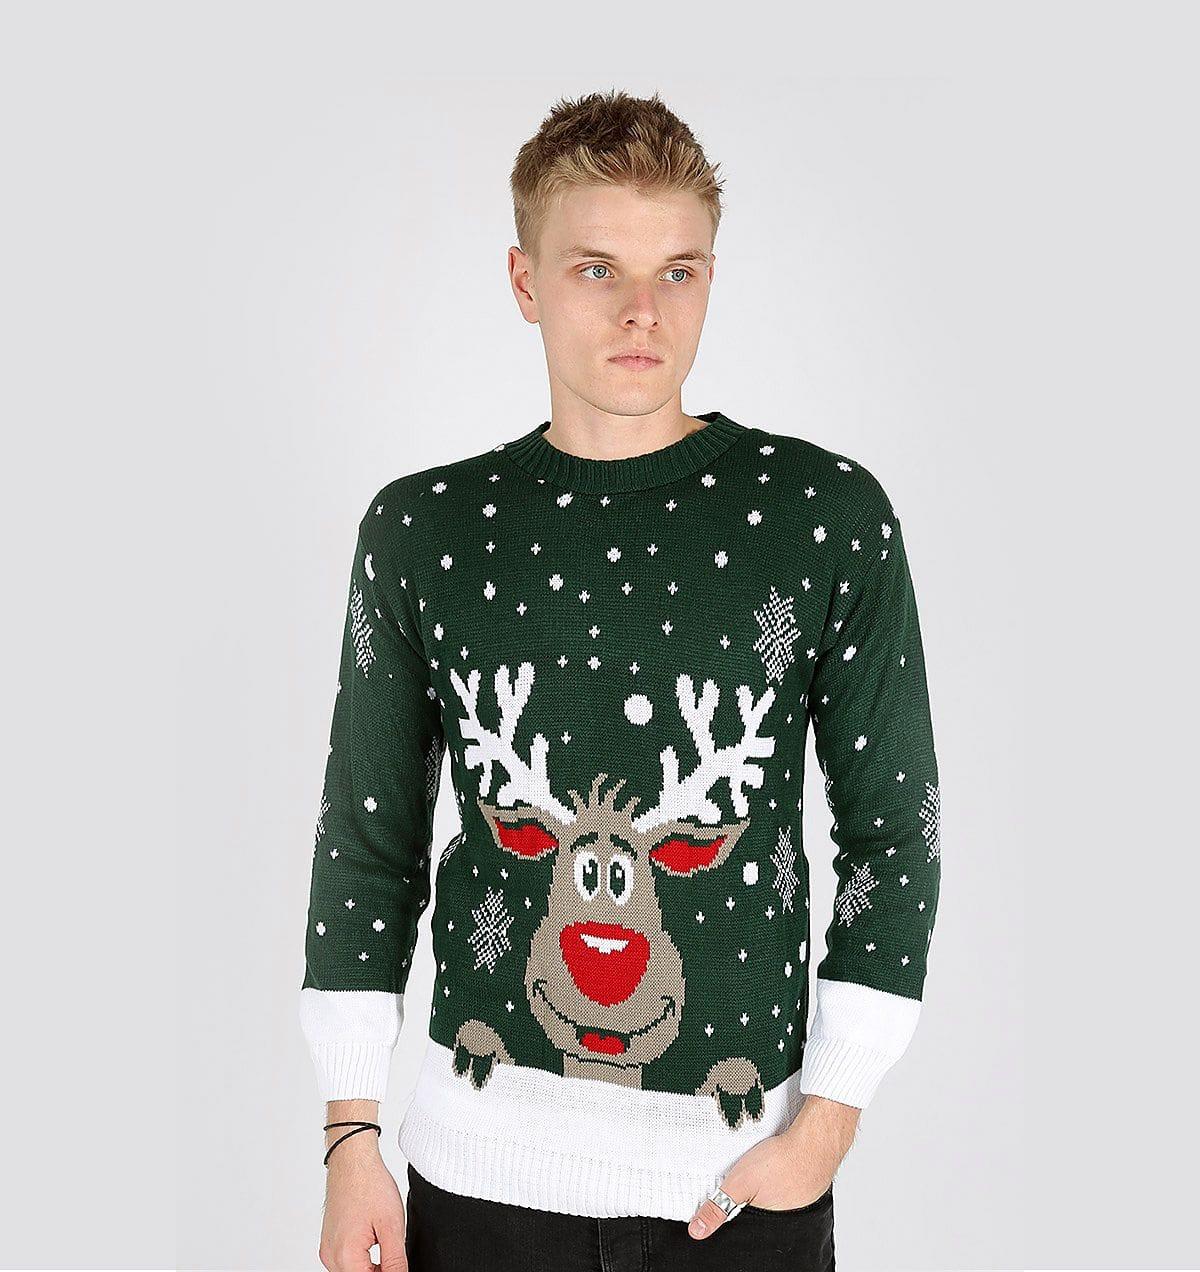 Все, что нужно знать о мужском свитере с оленями